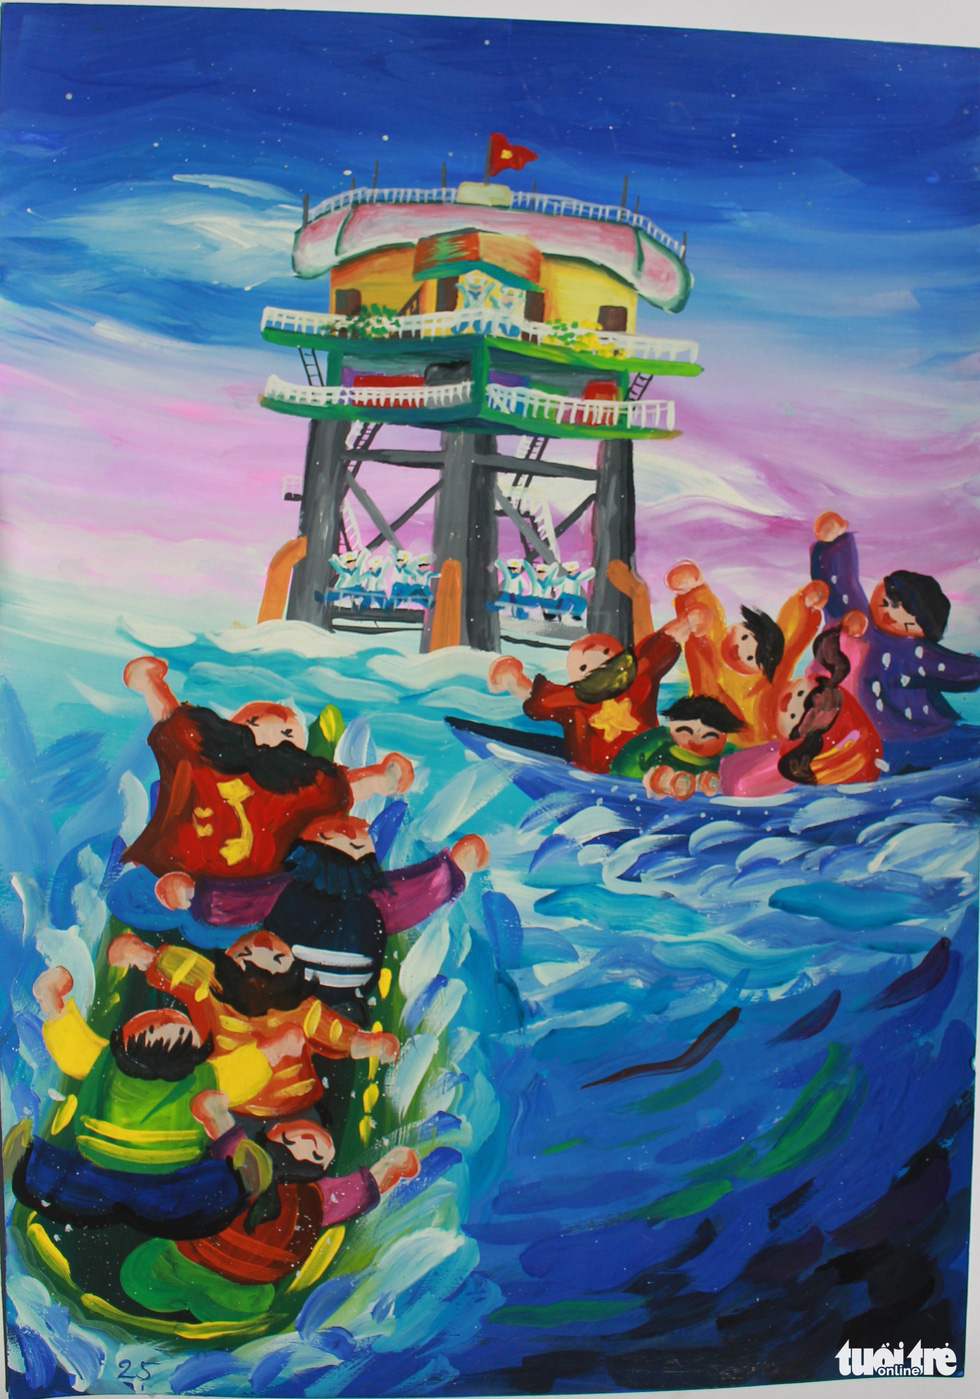 Ước mơ xúc động của trẻ em qua tranh vẽ Hoàng Sa, Trường Sa - Ảnh 12.